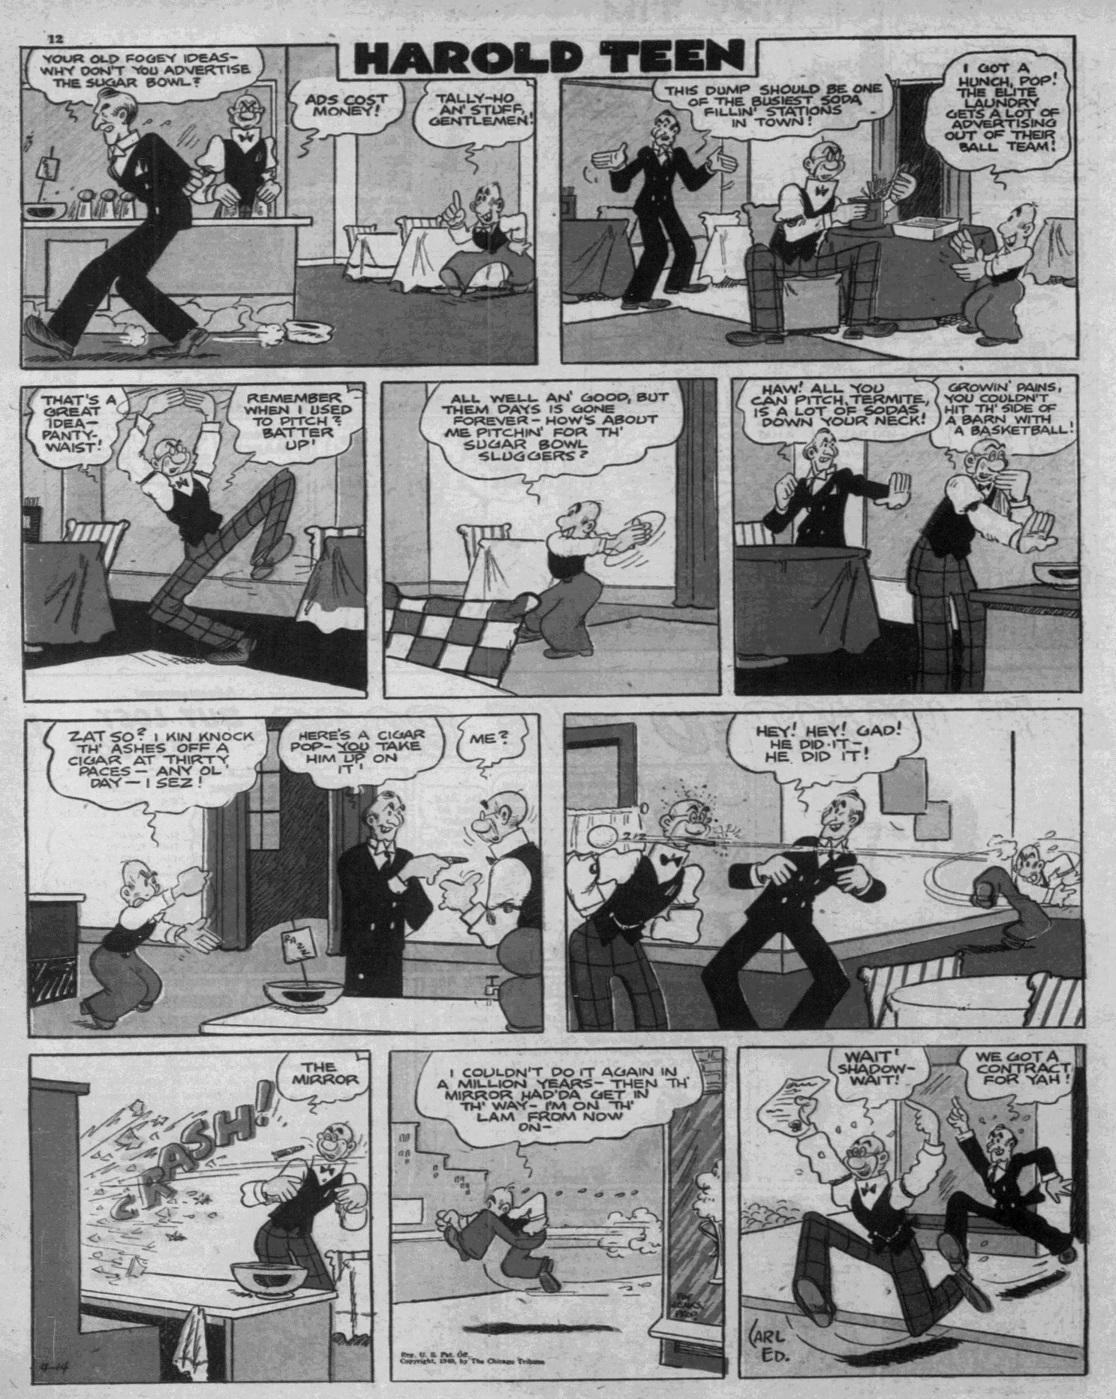 Daily_News_Sun__Apr_14__1940_(7).jpg